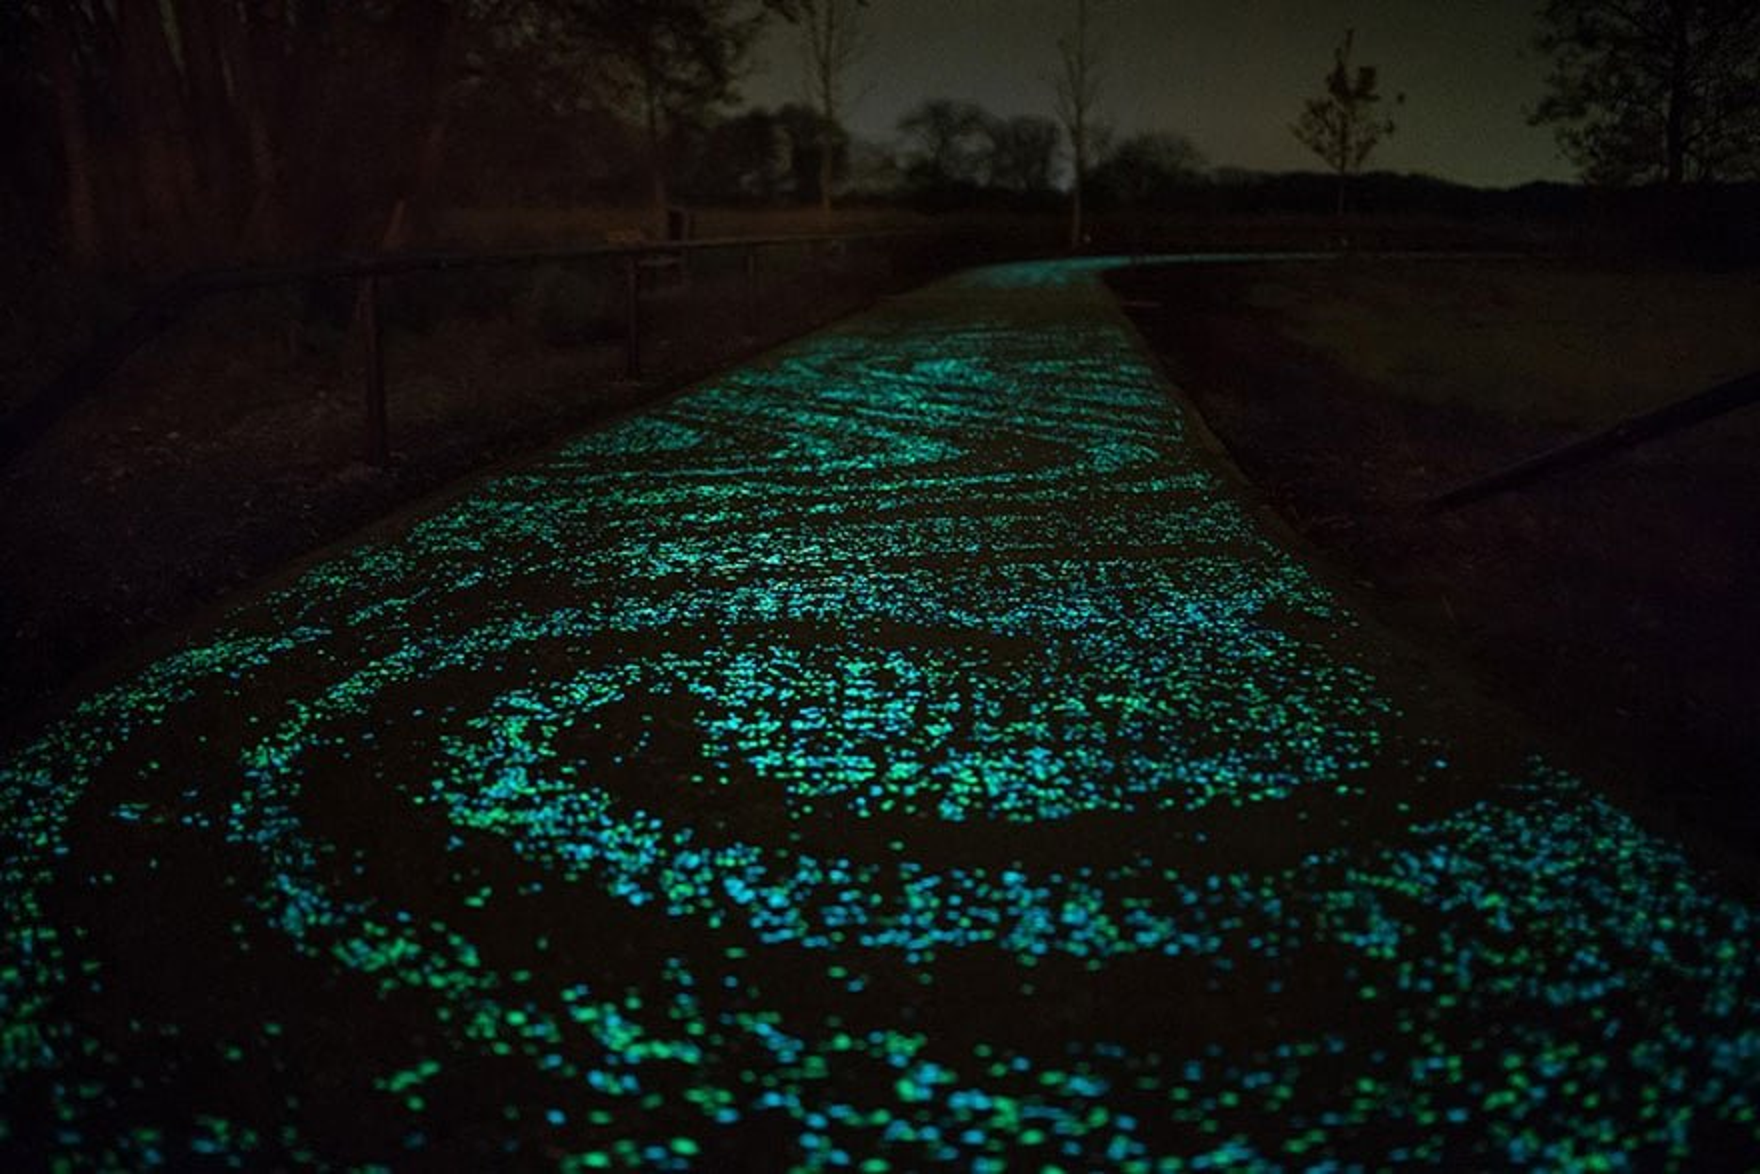 Les Pays-Bas dévoilent la première piste cyclable phosphorescente